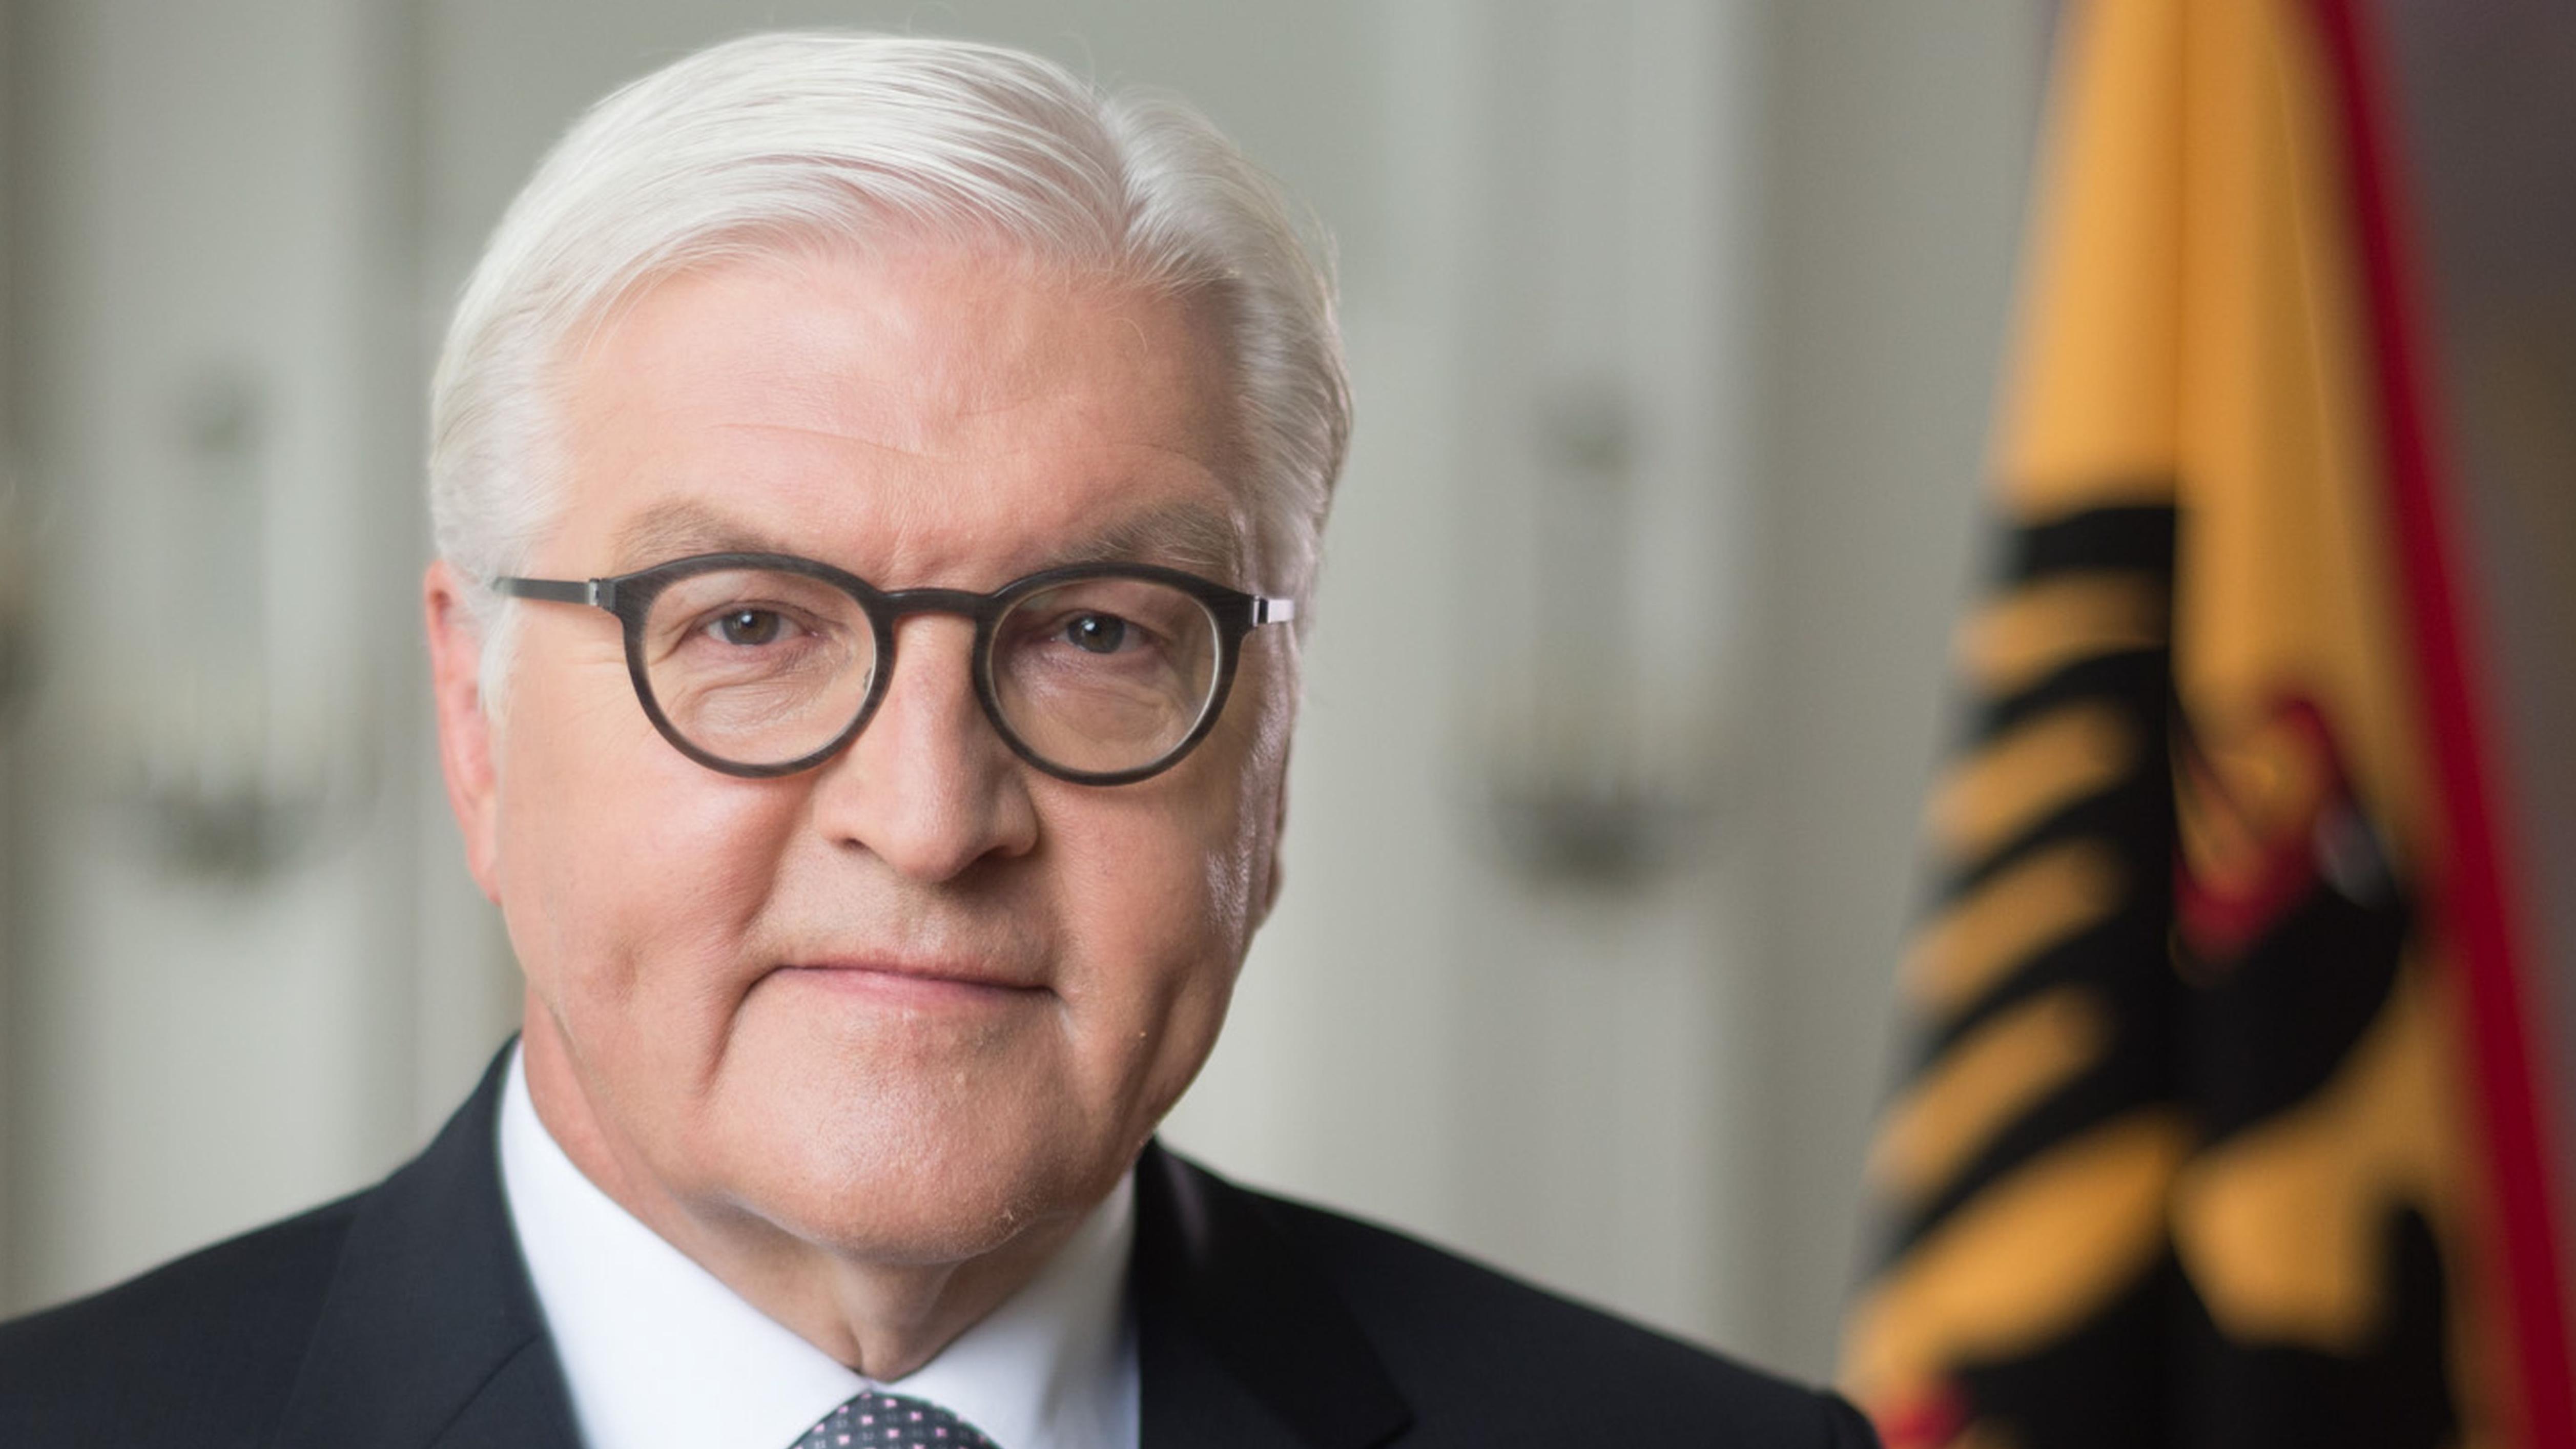 Bundespräsident Steinmeier ruft zu Spenden auf für Hungernde in Afrika